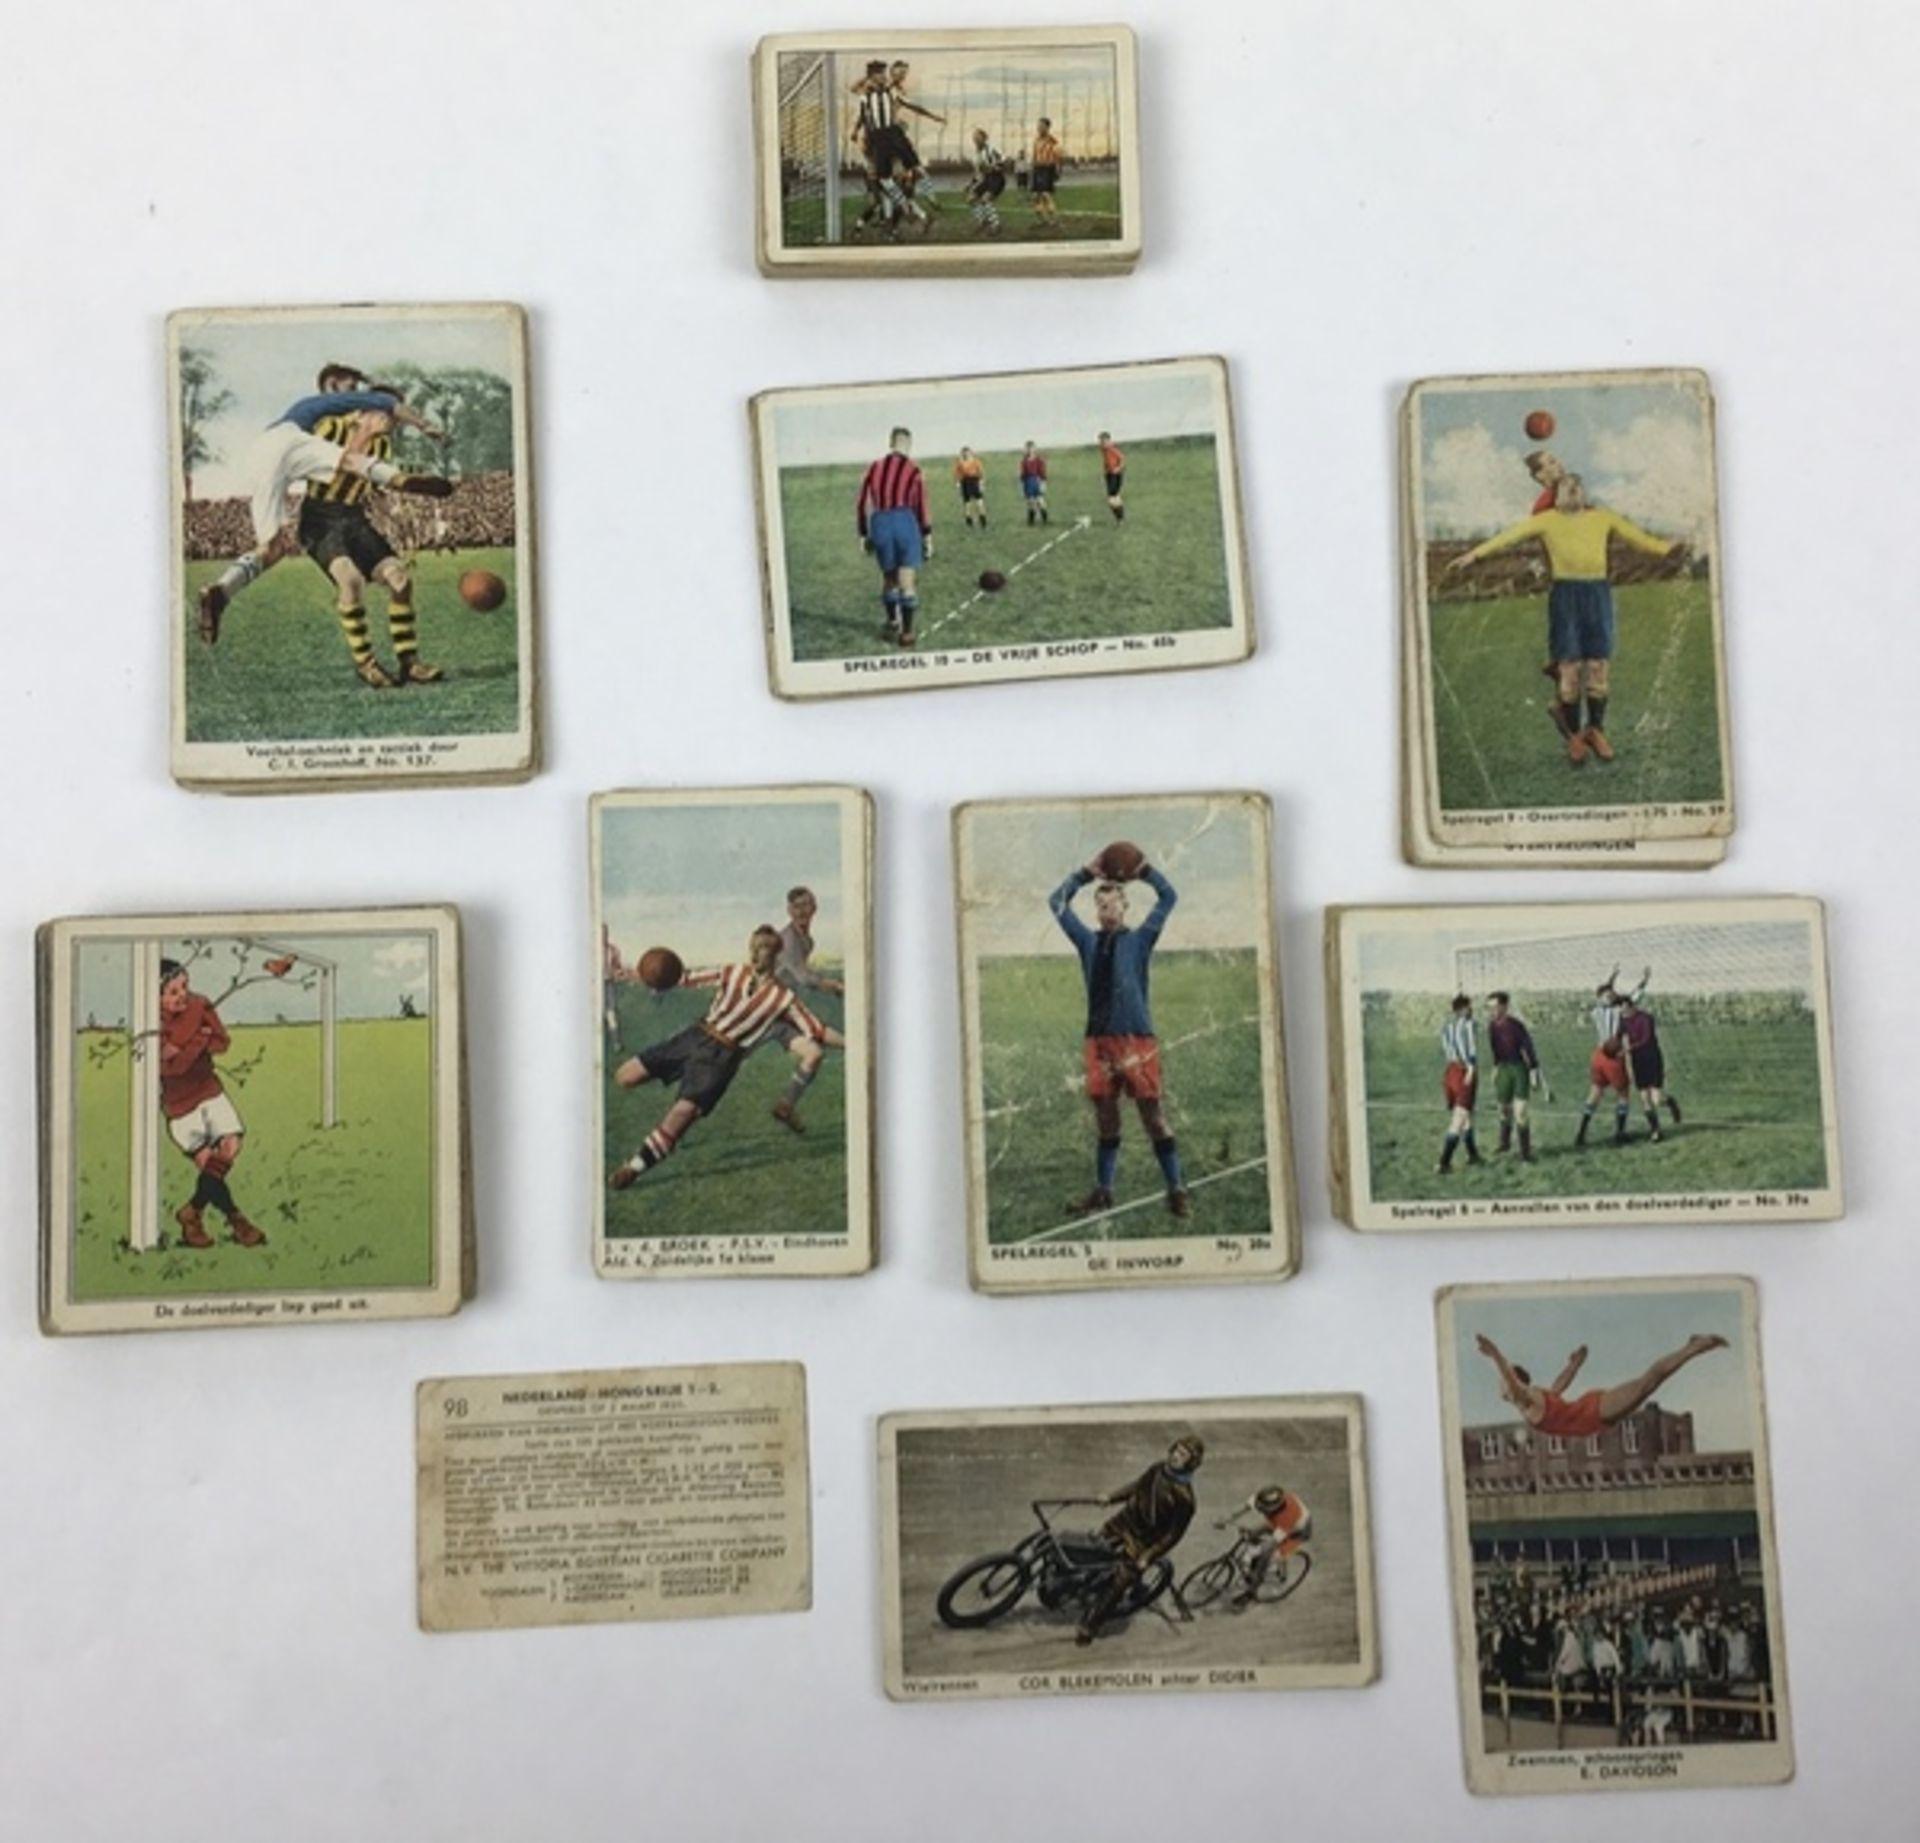 (Curiosa) SportplaatjesDiverse sportplaatjes, voornamelijk voetbal. Conditie: Gebruikssporen. A - Image 7 of 8